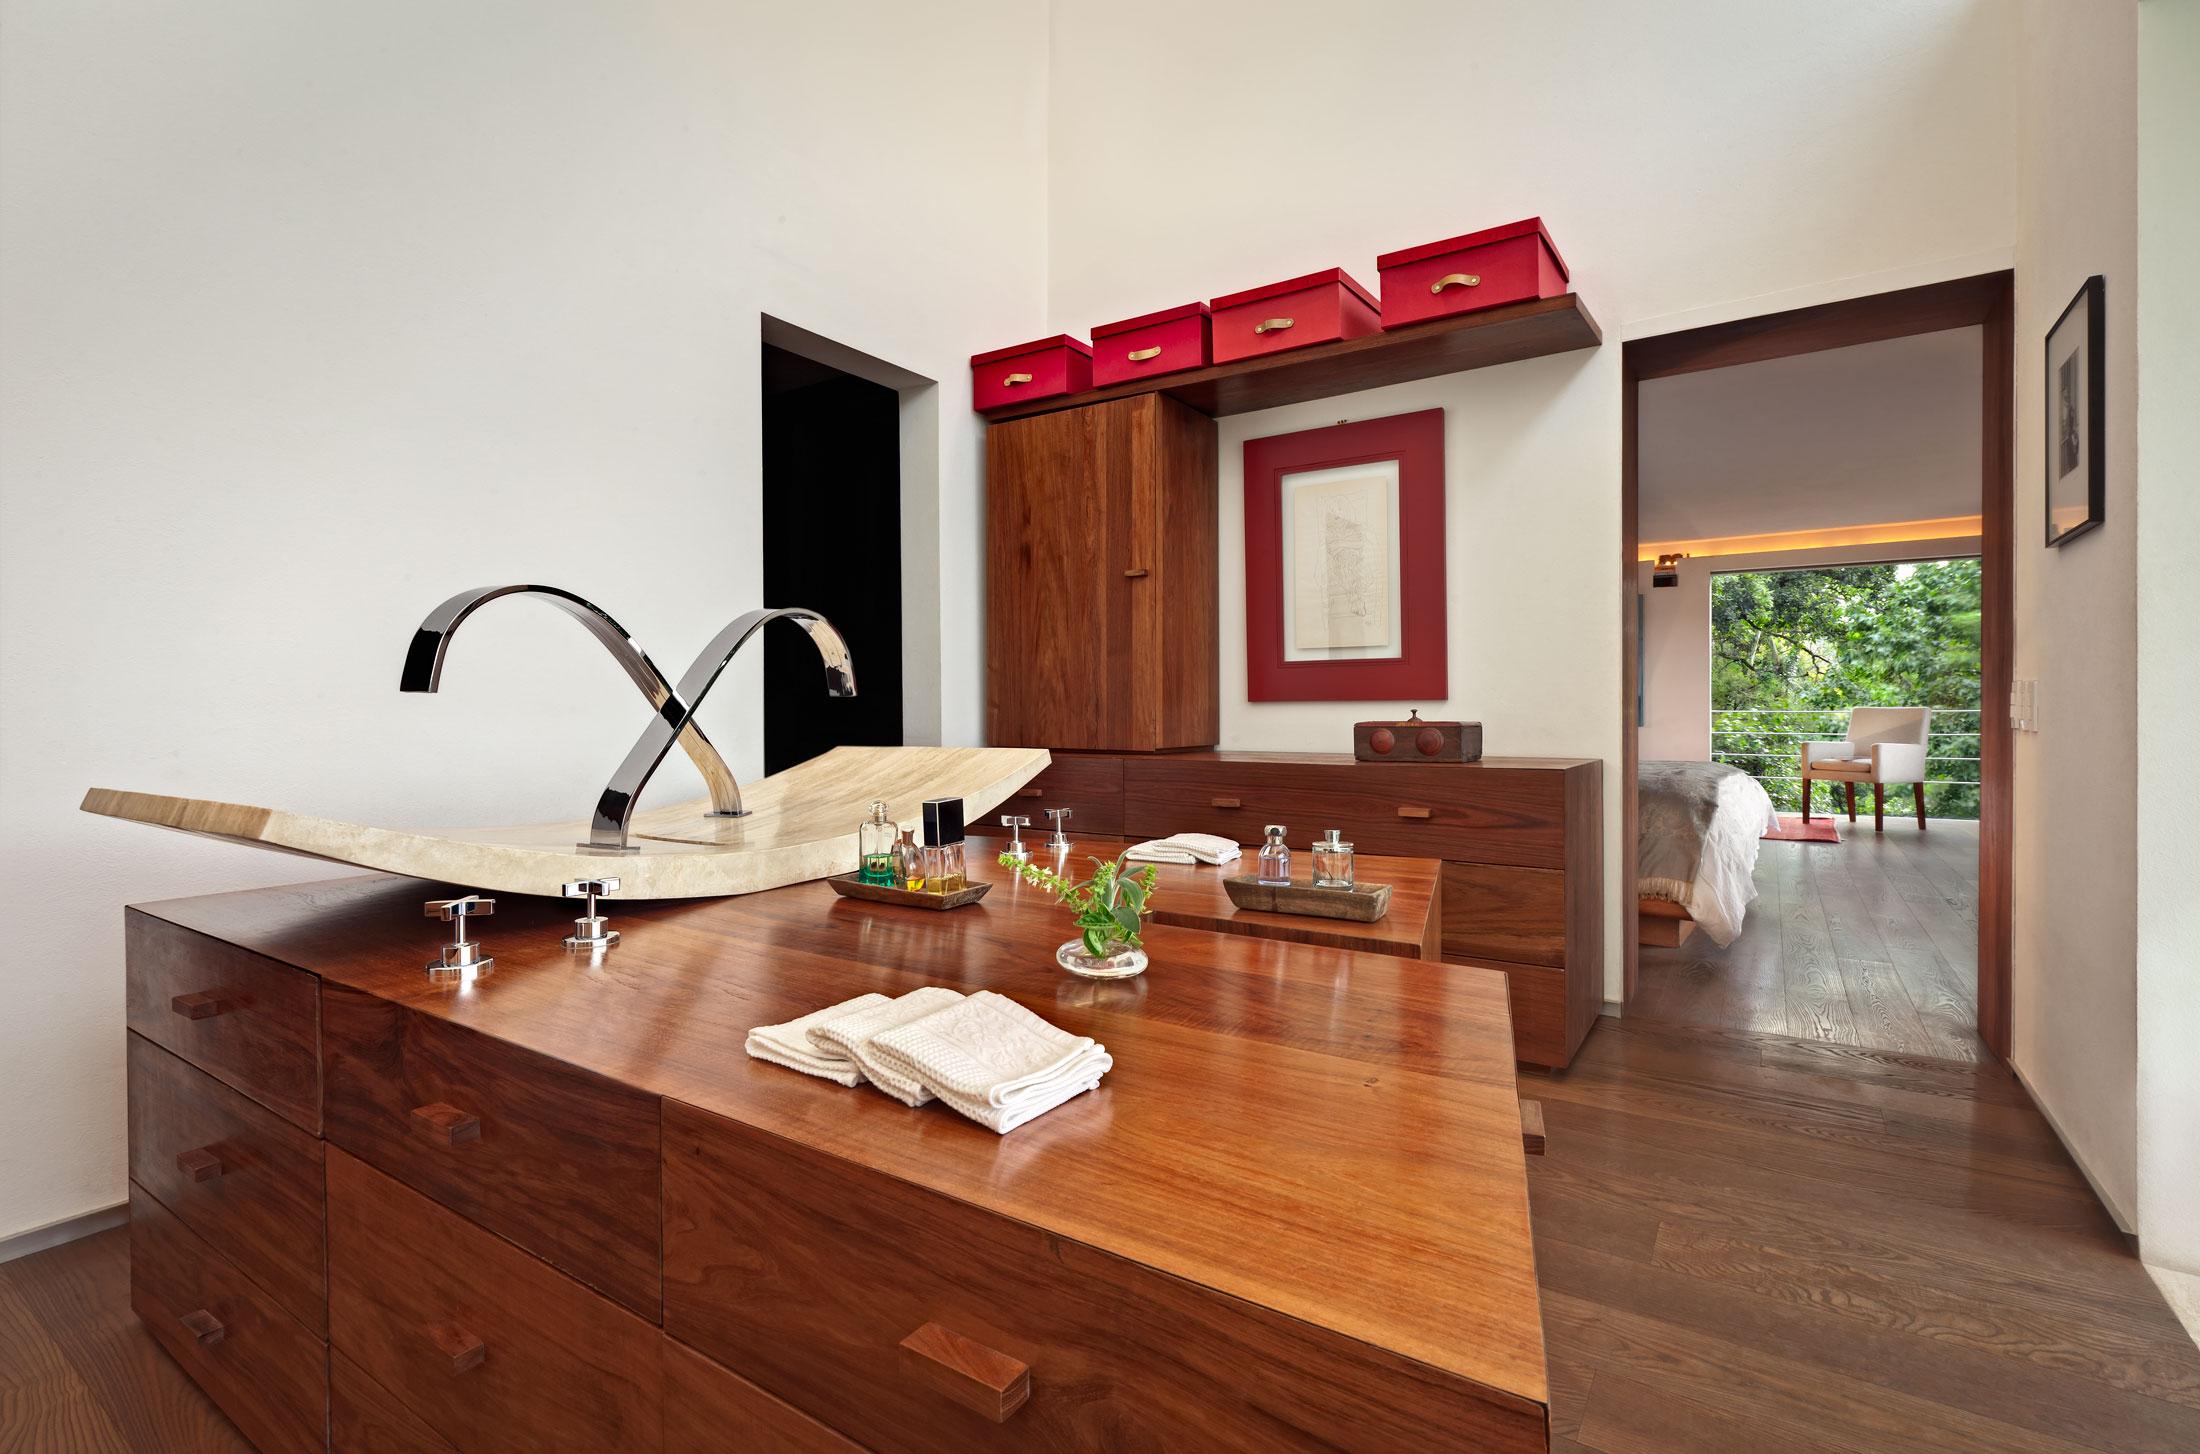 Дизайн интерьера частного дома в Мексике: гостеприимство, уют и немного этники